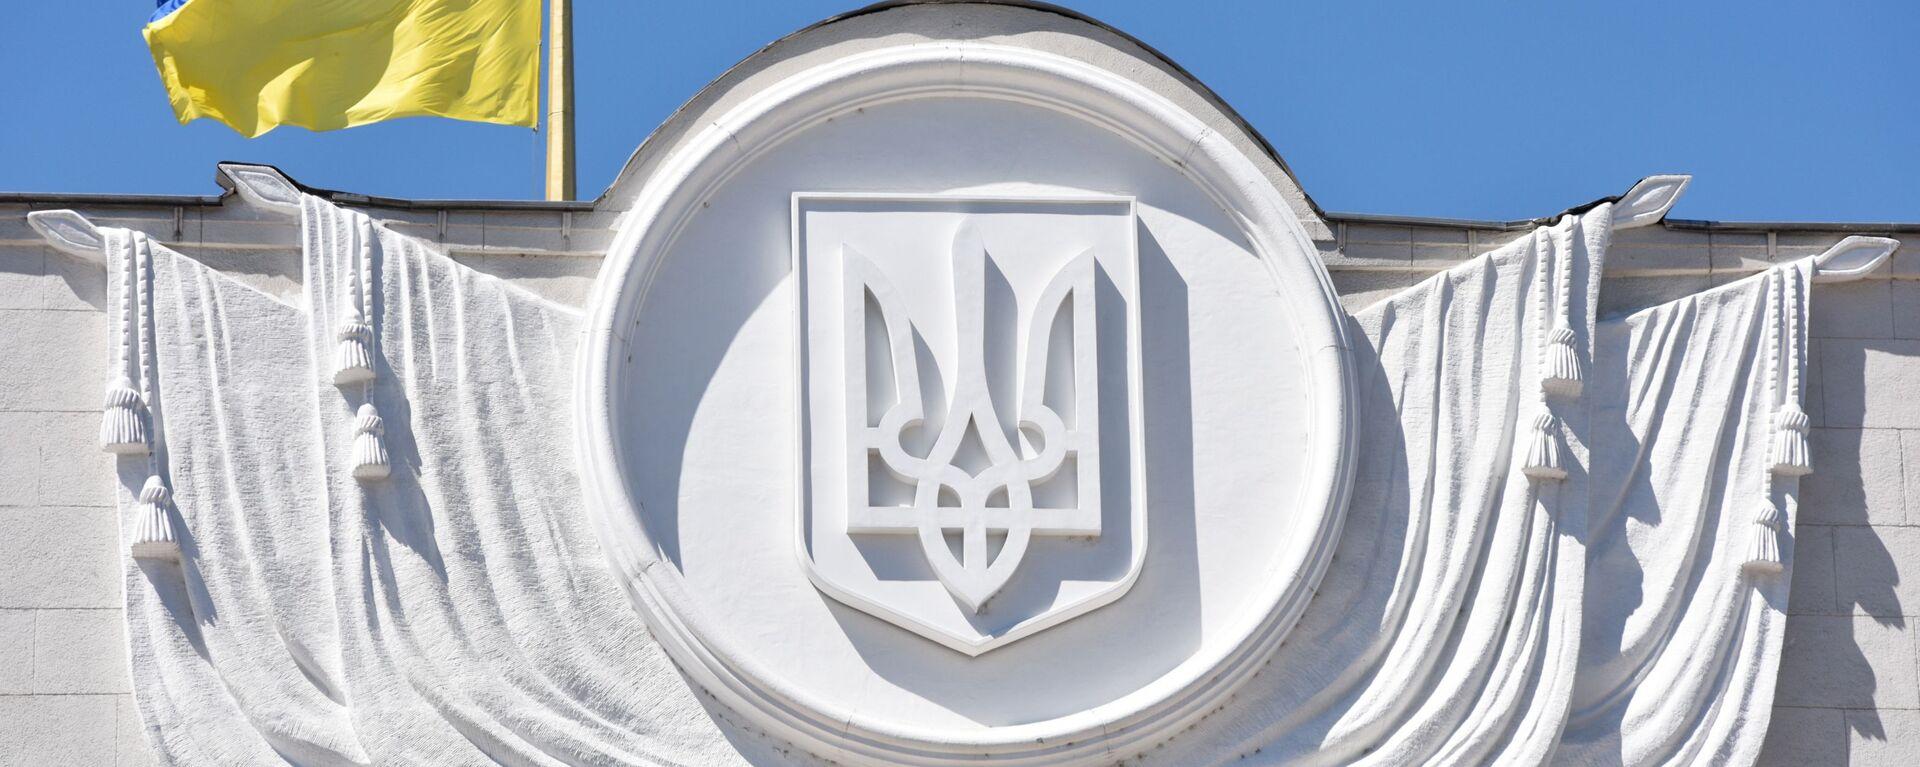 Флаг Украины на здании Верховной рады в Киеве - Sputnik Latvija, 1920, 19.08.2021